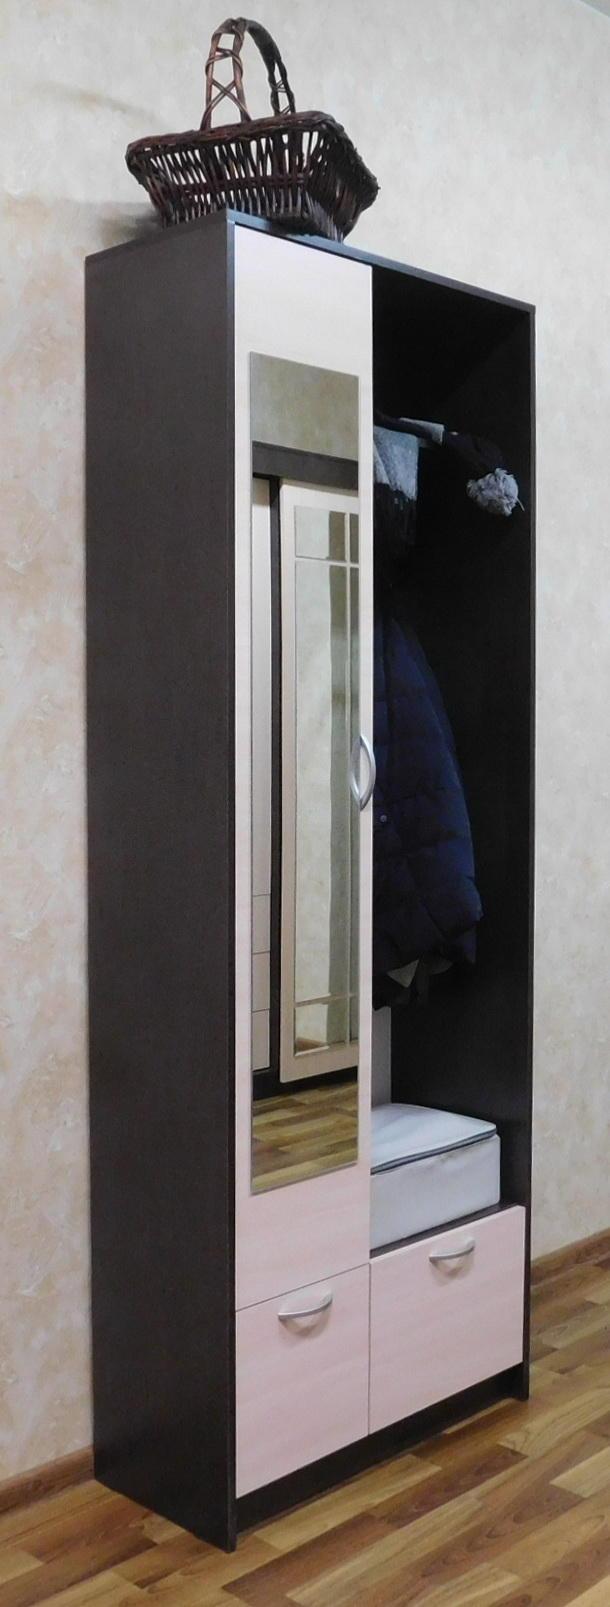 """Прихожая """"103-1 А"""". Мебельный магазин Мебель Ленд. Санкт-Петербург"""